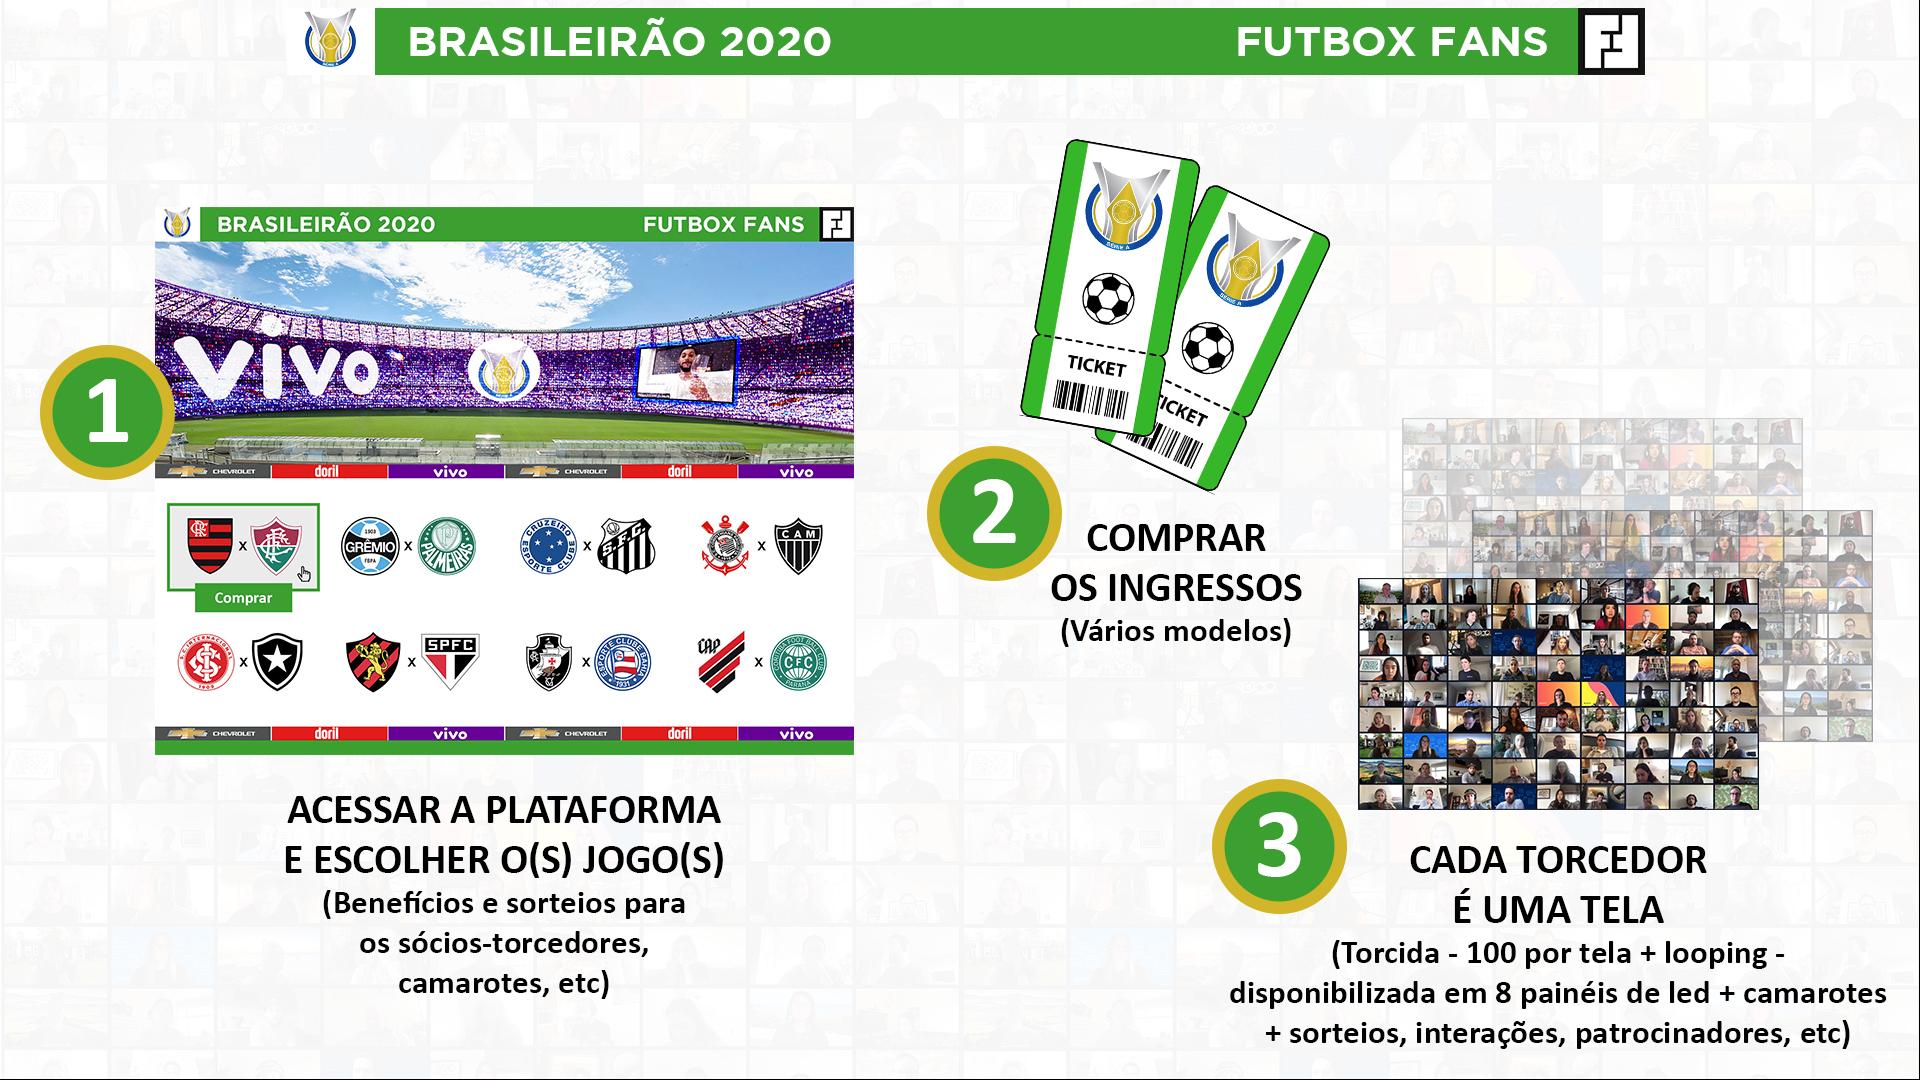 Plataforma Futbox Fans: gestão da venda dos ingressos.